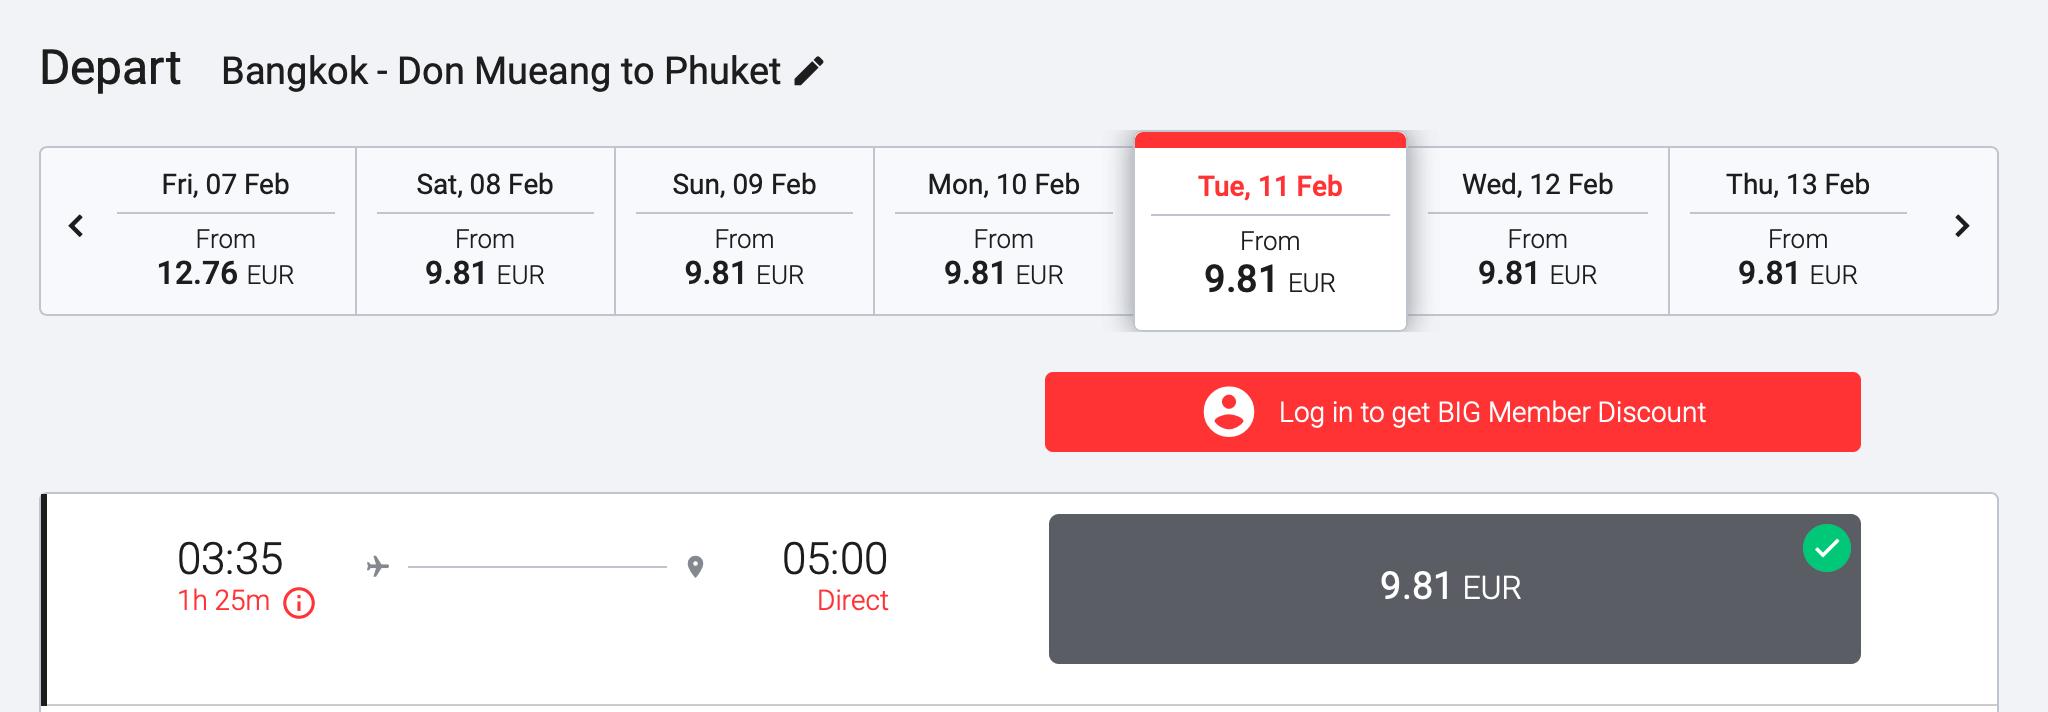 AirAsia Flugpreis Low Fare Bangkok - Phuket